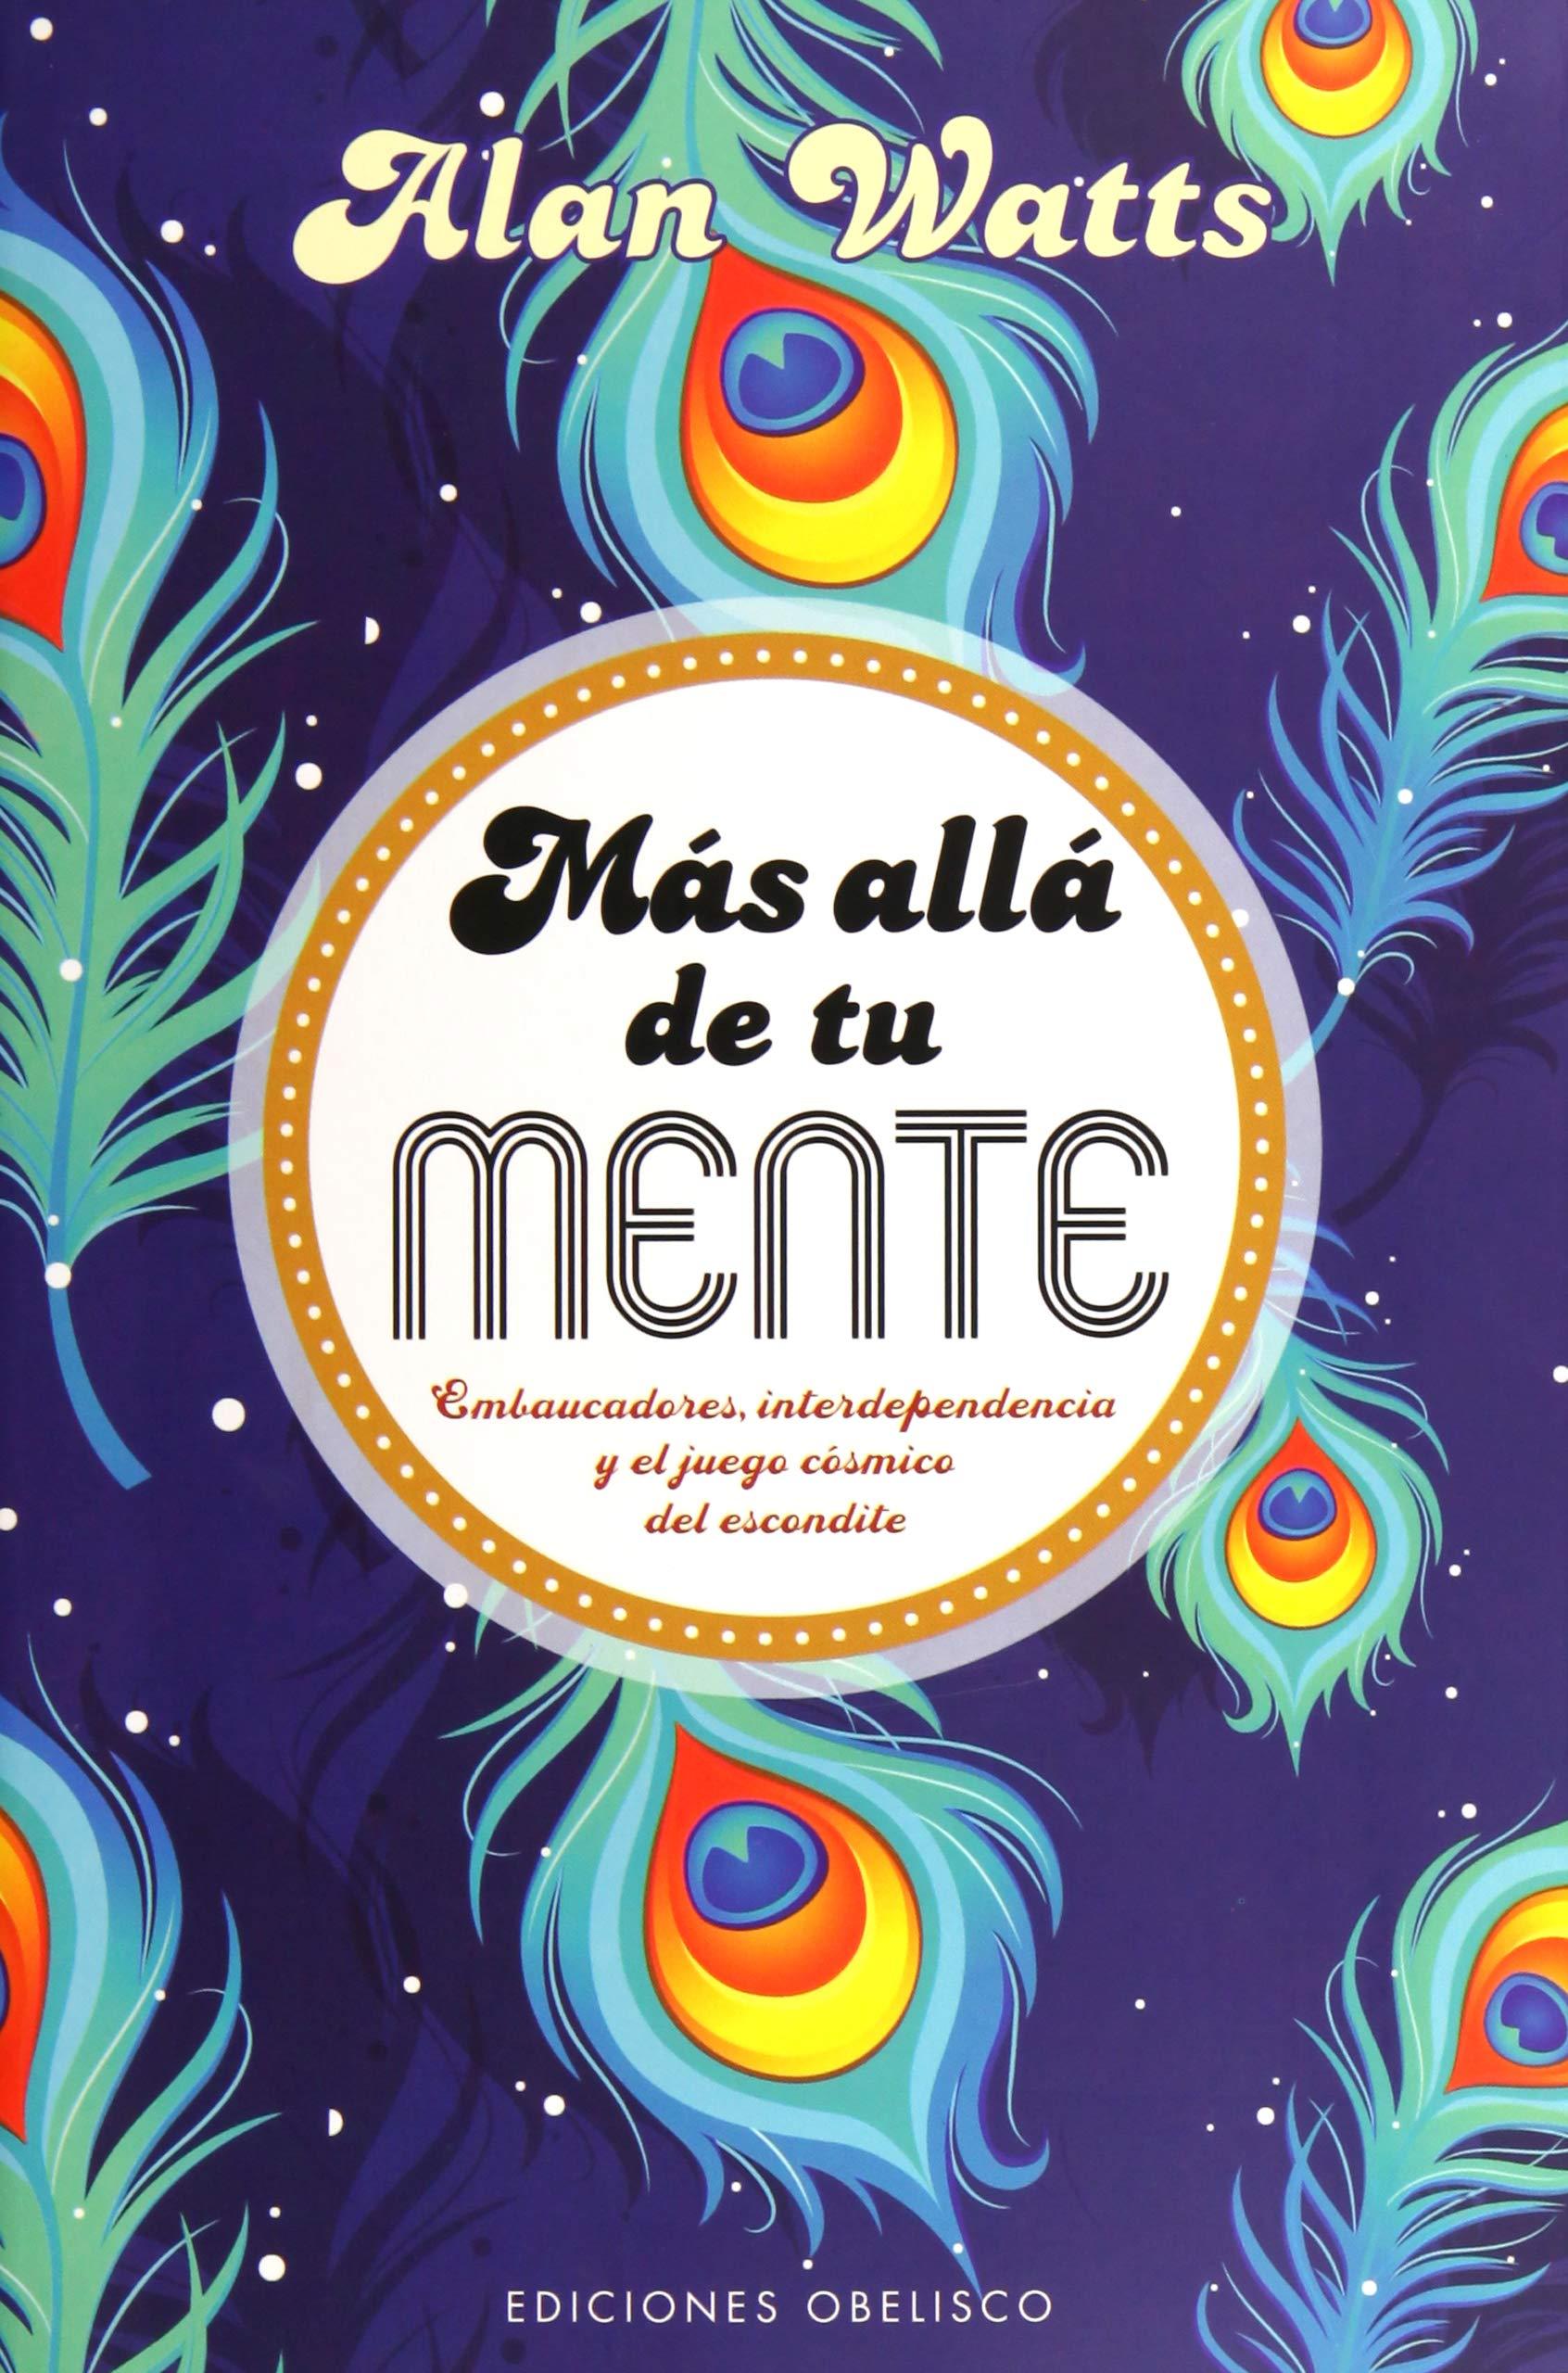 Más allá de tu mente (PSICOLOGÍA): Amazon.es: WATTS, ALAN, TARRAGÓ GALLIFA, DIANA: Libros